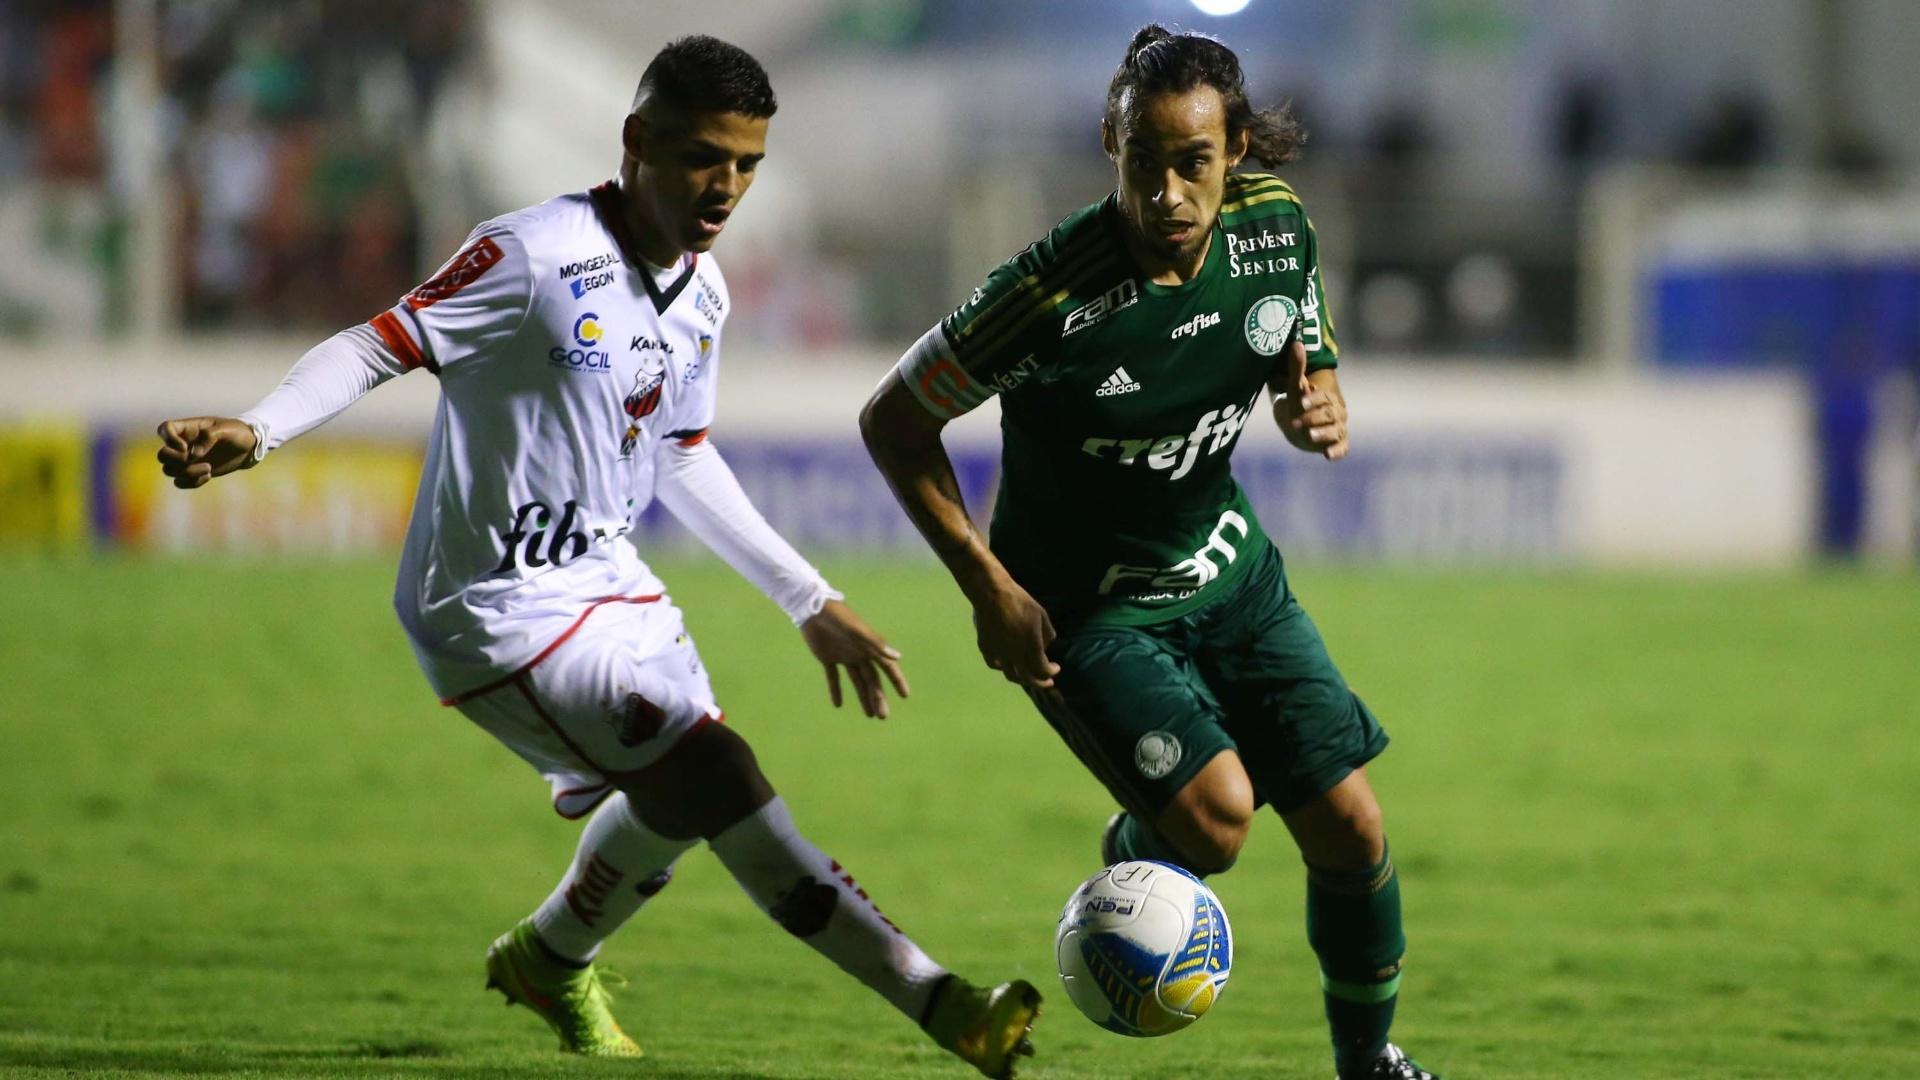 Valdivia em ação durante a partida Palmeiras e Ituano, que marcou o seu retorno ao time titular